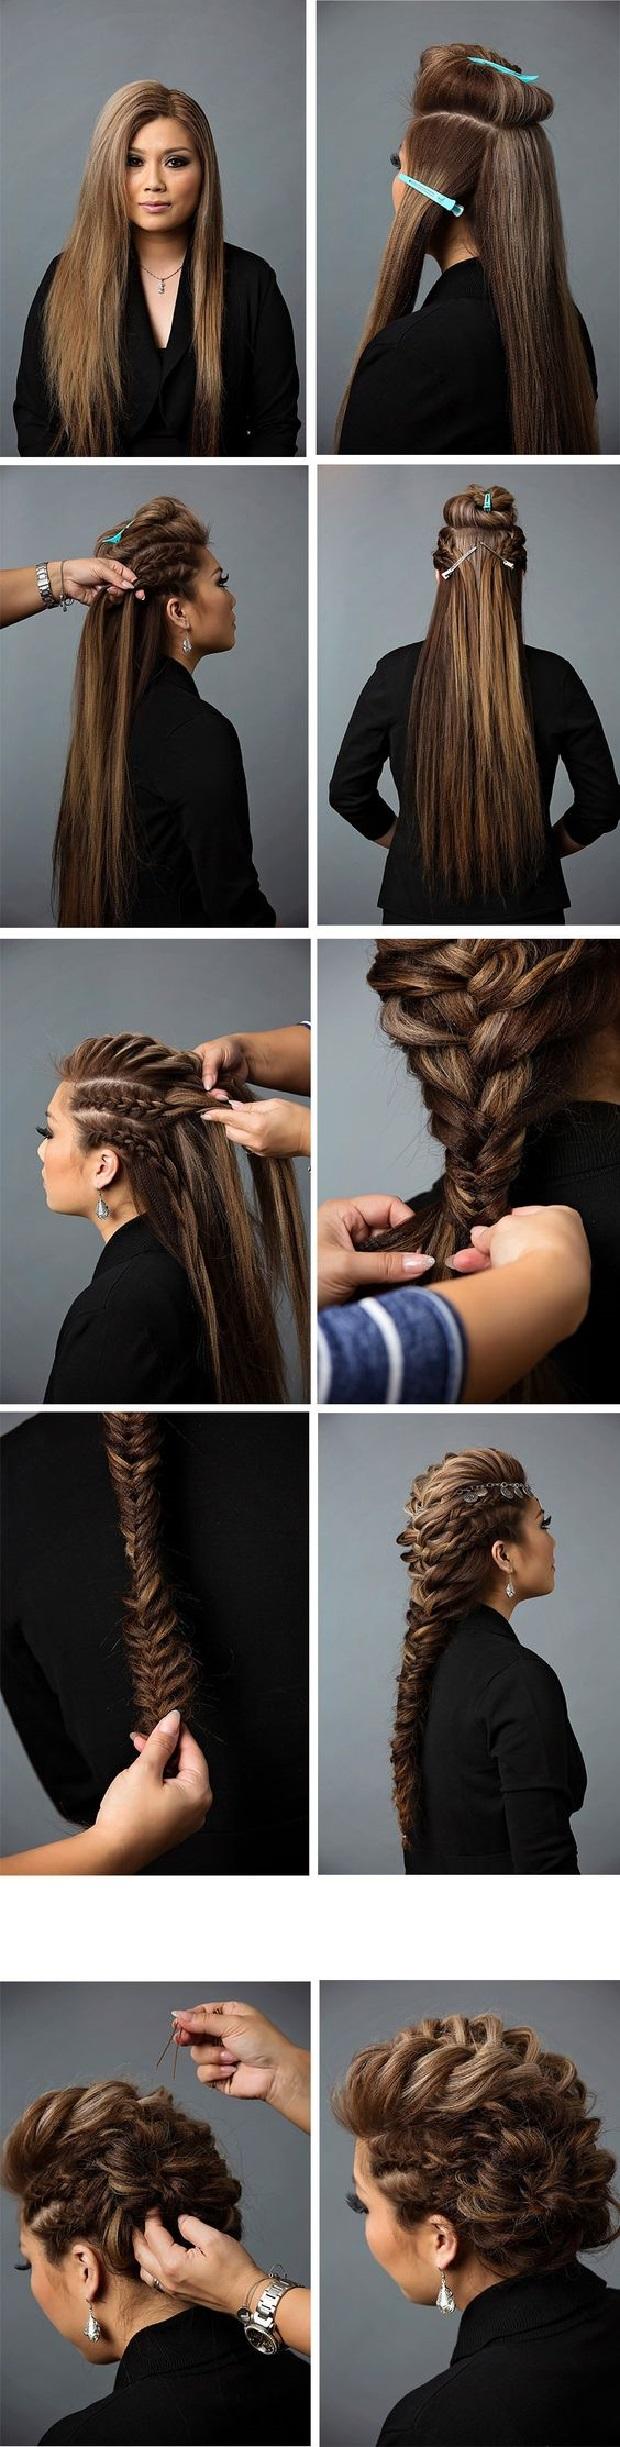 peinado-elegante-con-trenza